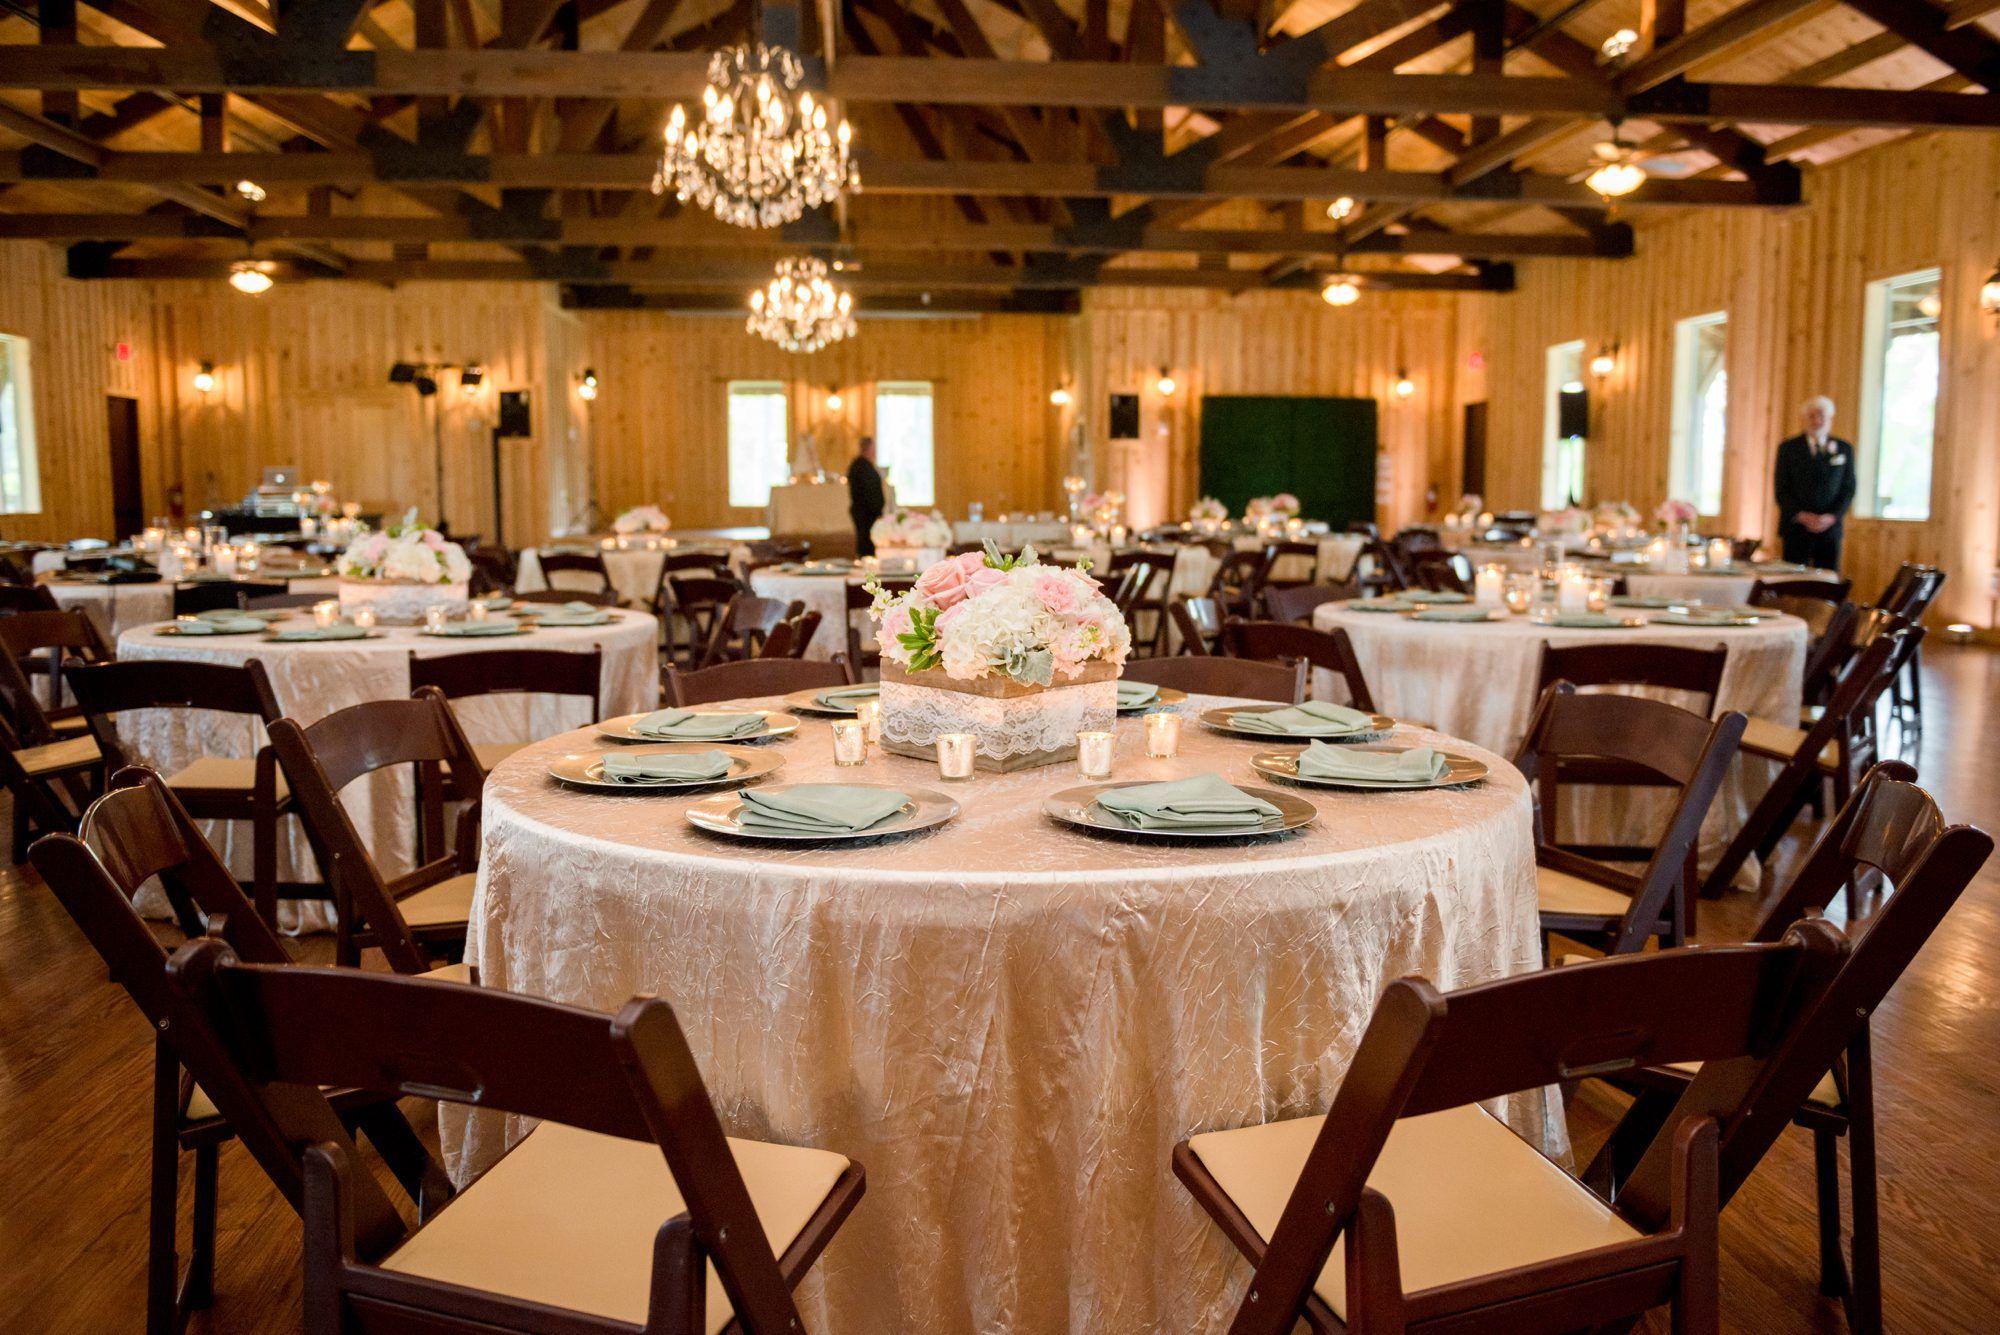 Magnolia Wedding Venue Wedding venues, Magnolia wedding